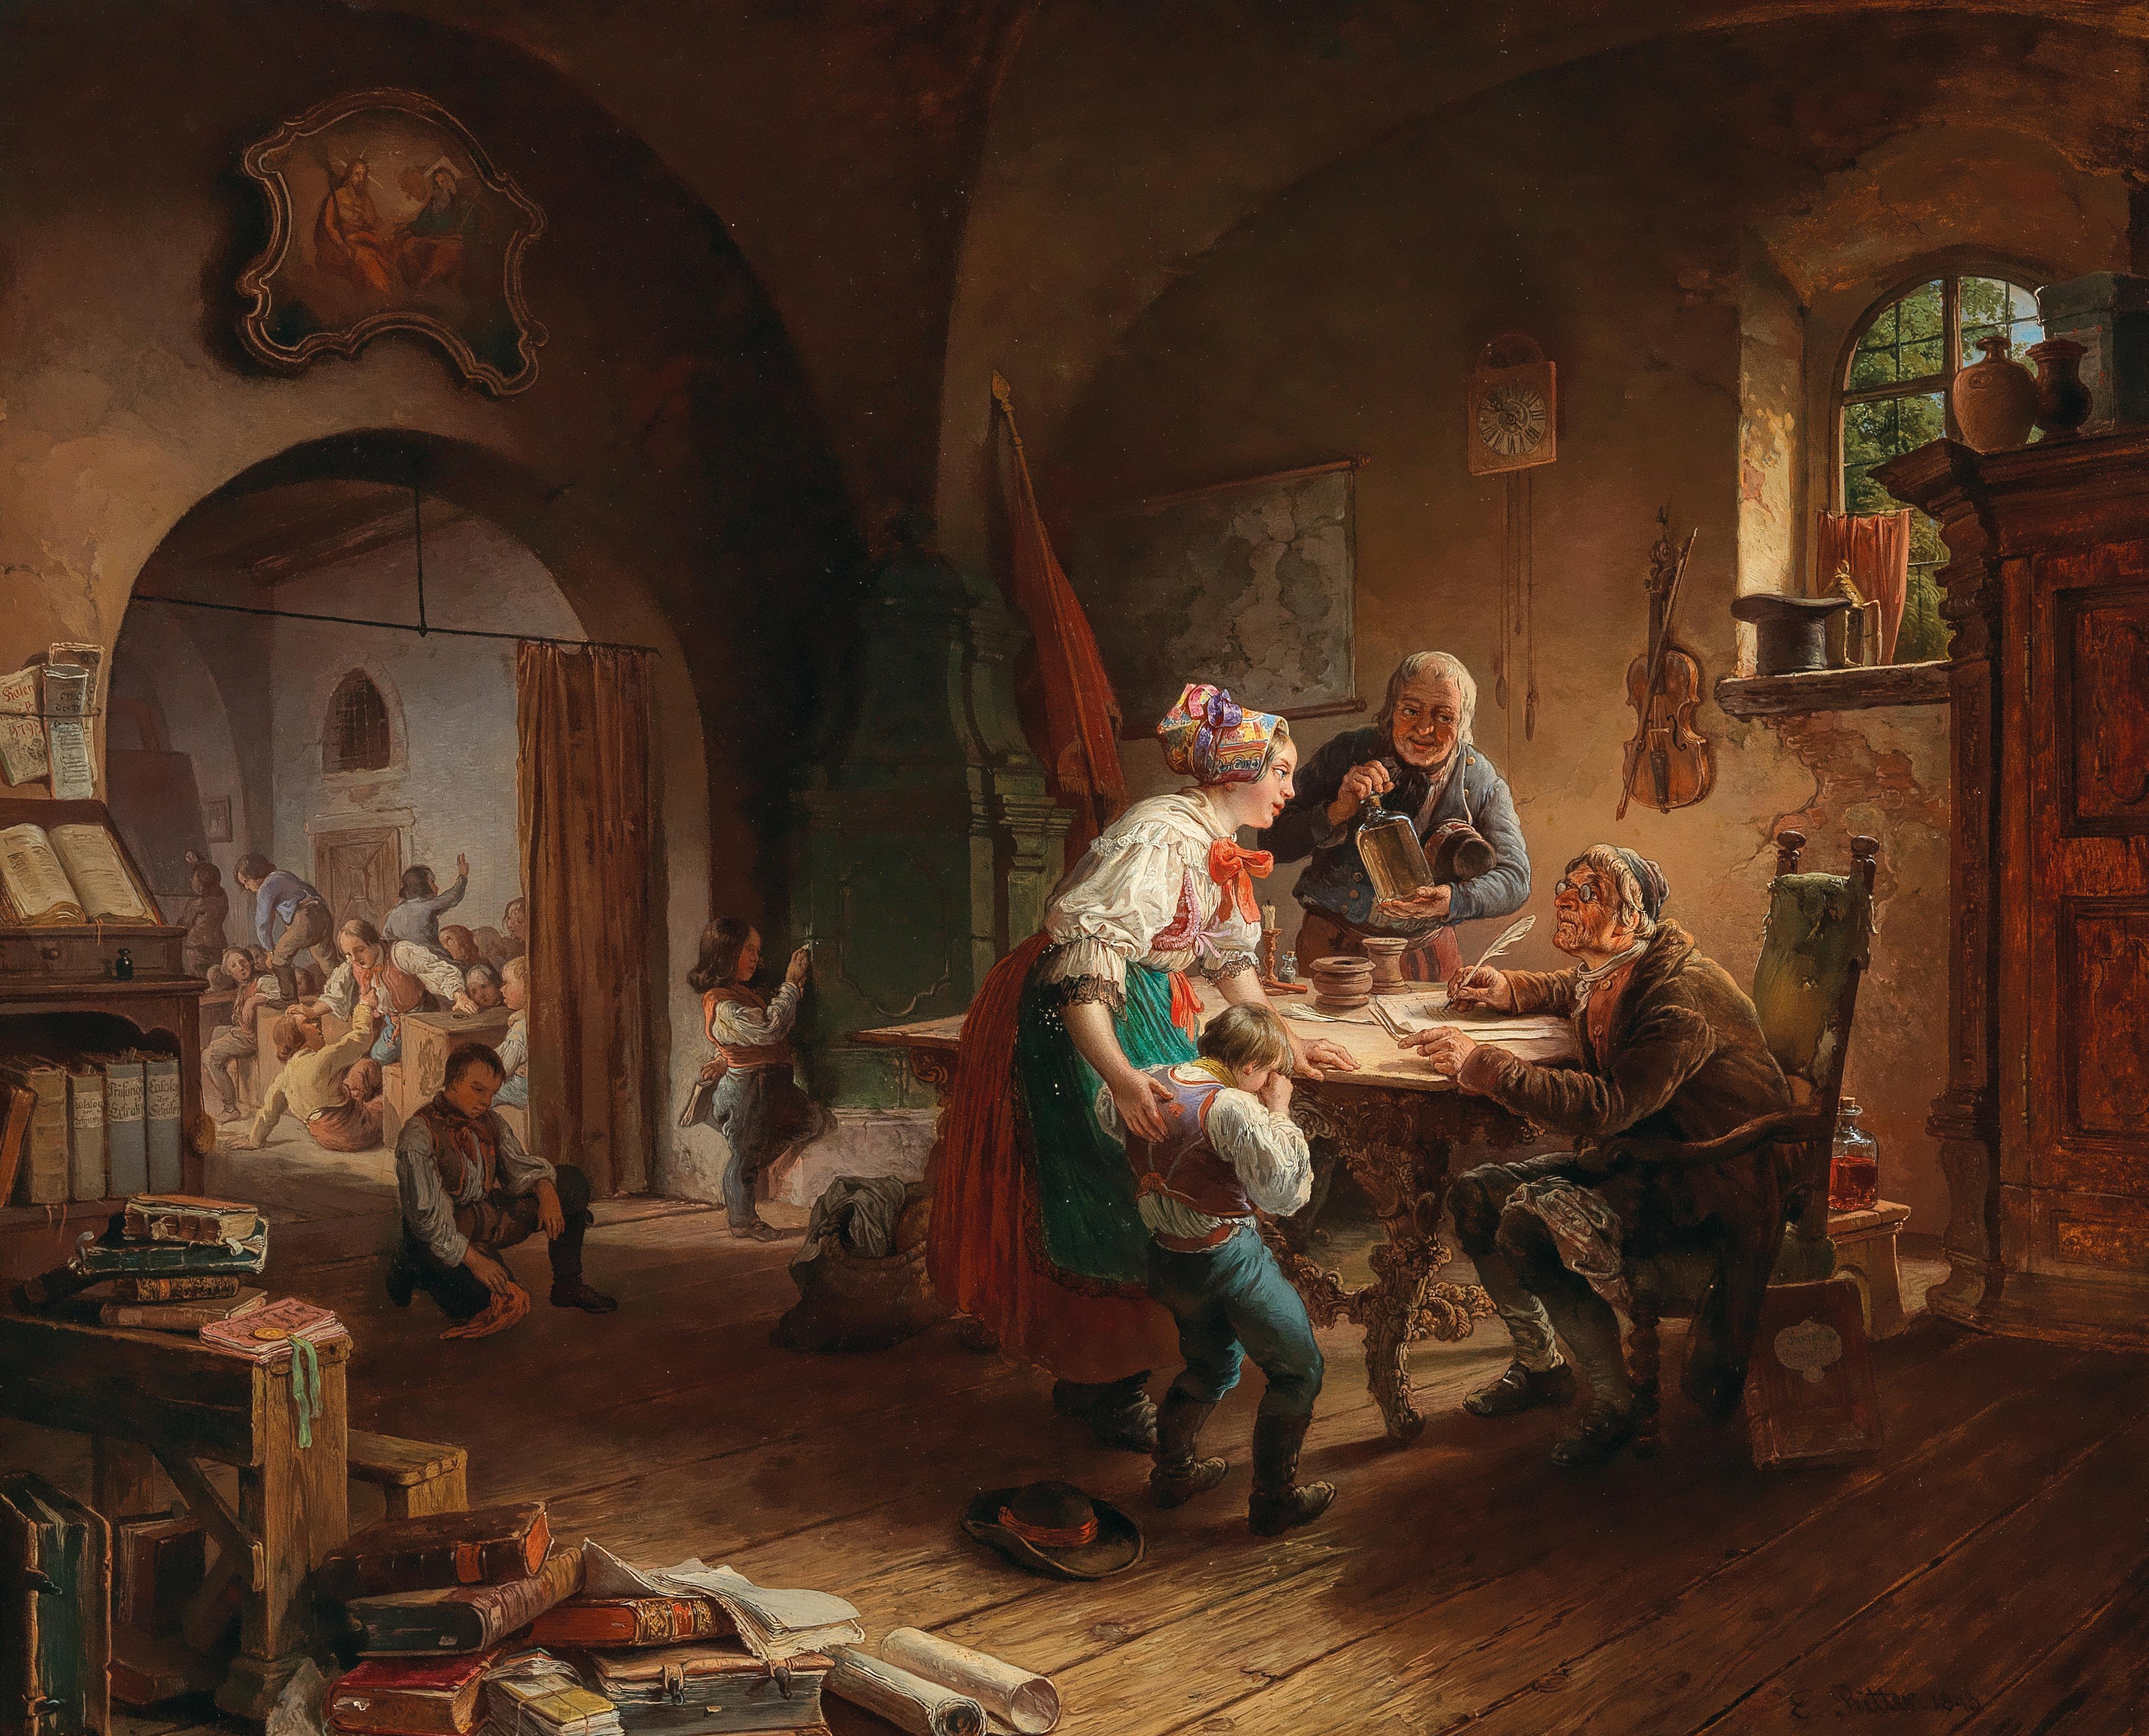 Eduard Ritter, Die Dorfschule, signiert, datiert E. Ritter 1845, Öl auf Holz, 65,5 x 79 cm, Schätzwert € 10.000 – 14.000